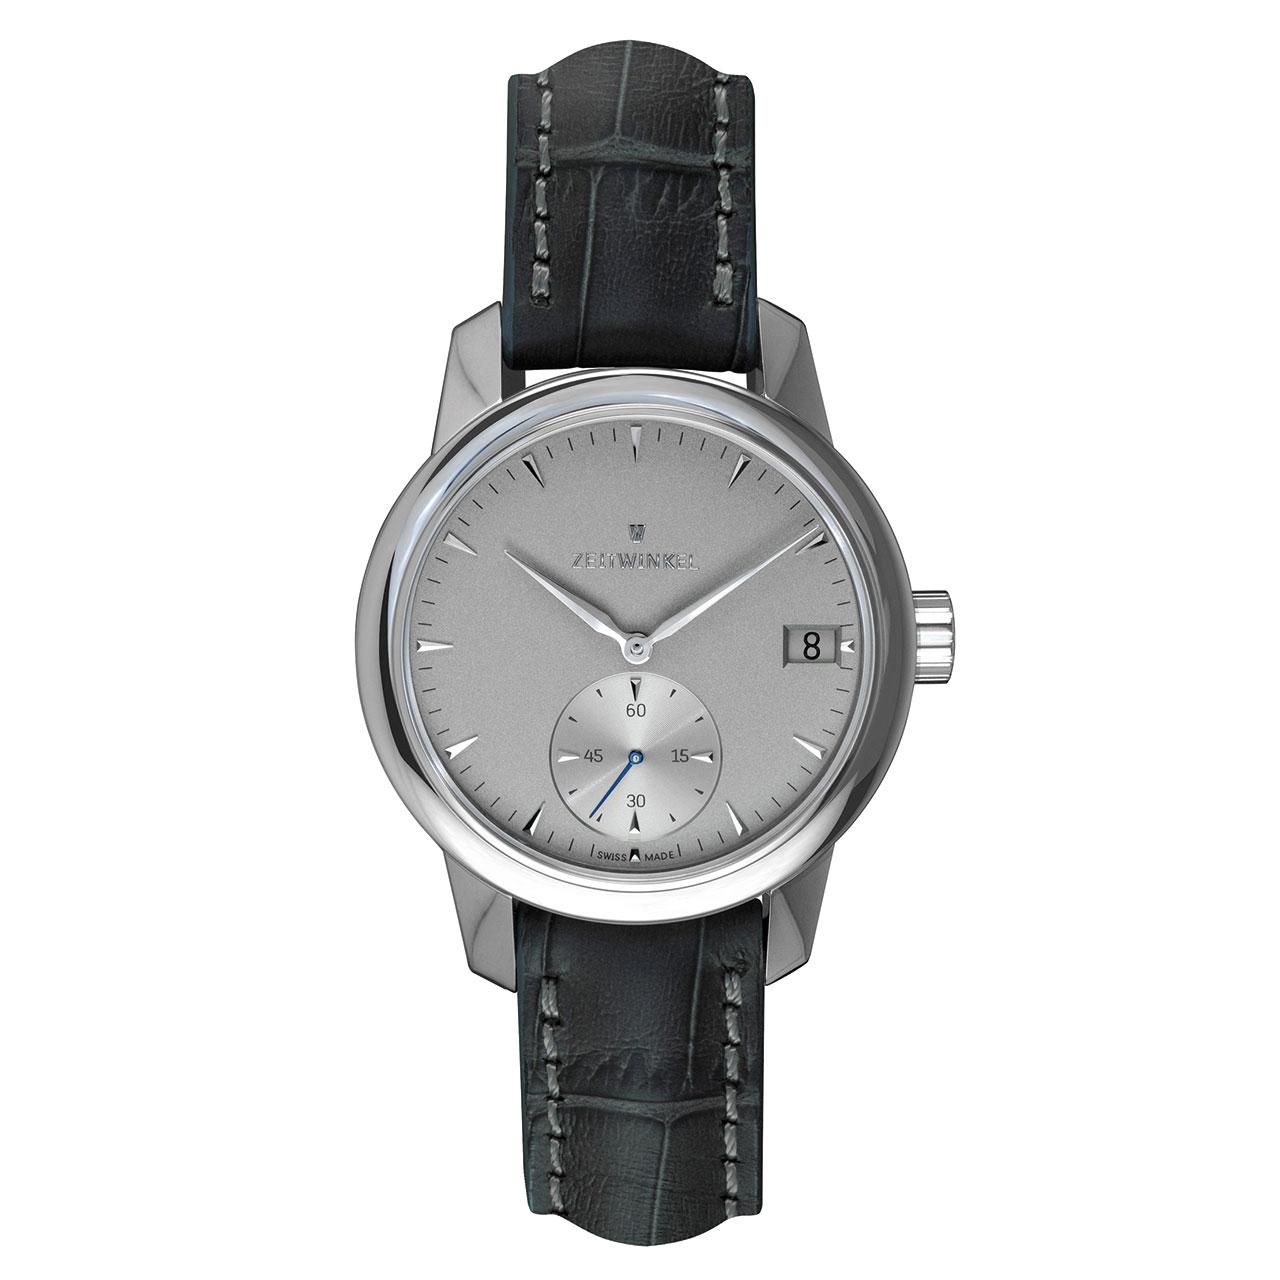 Zeitwinkel 188° Automatic Watch